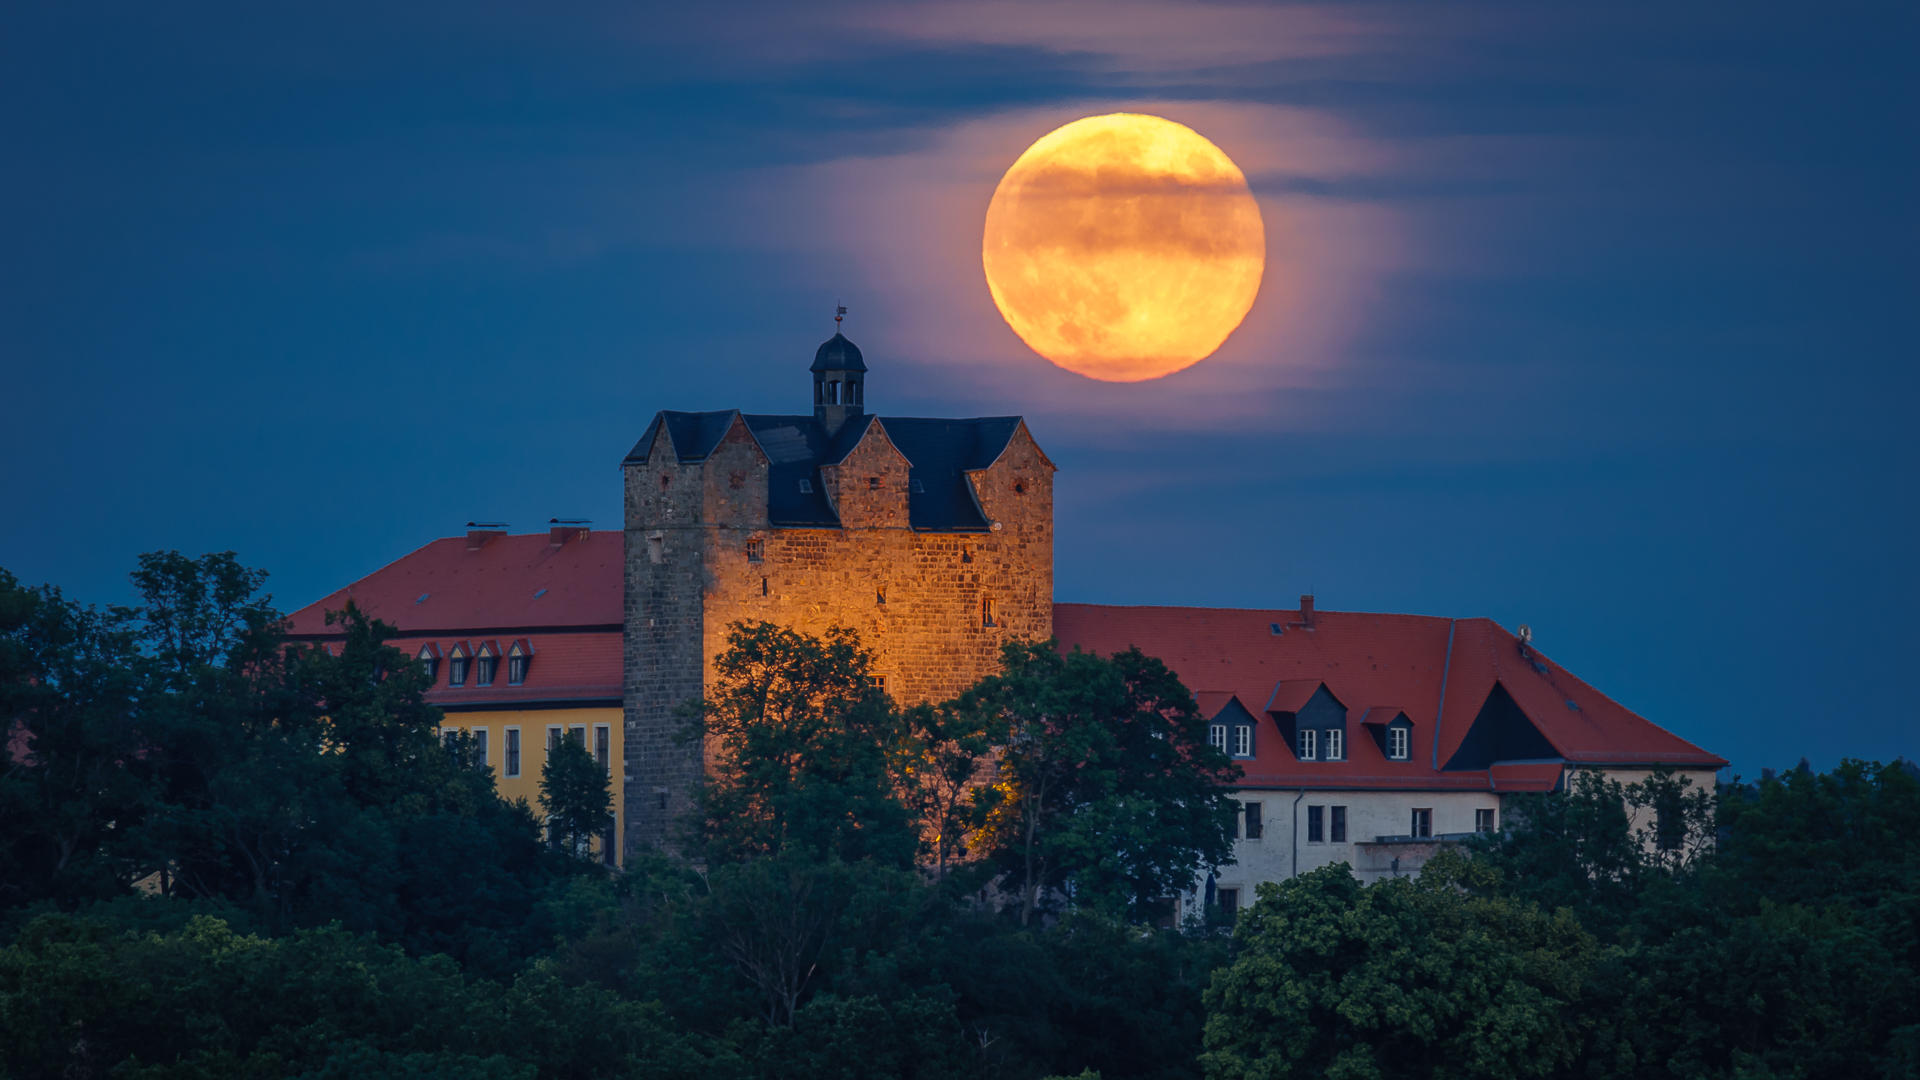 Ballenstedt Schloss und Vollmond © Wolfram Schmidt / Meisdorf